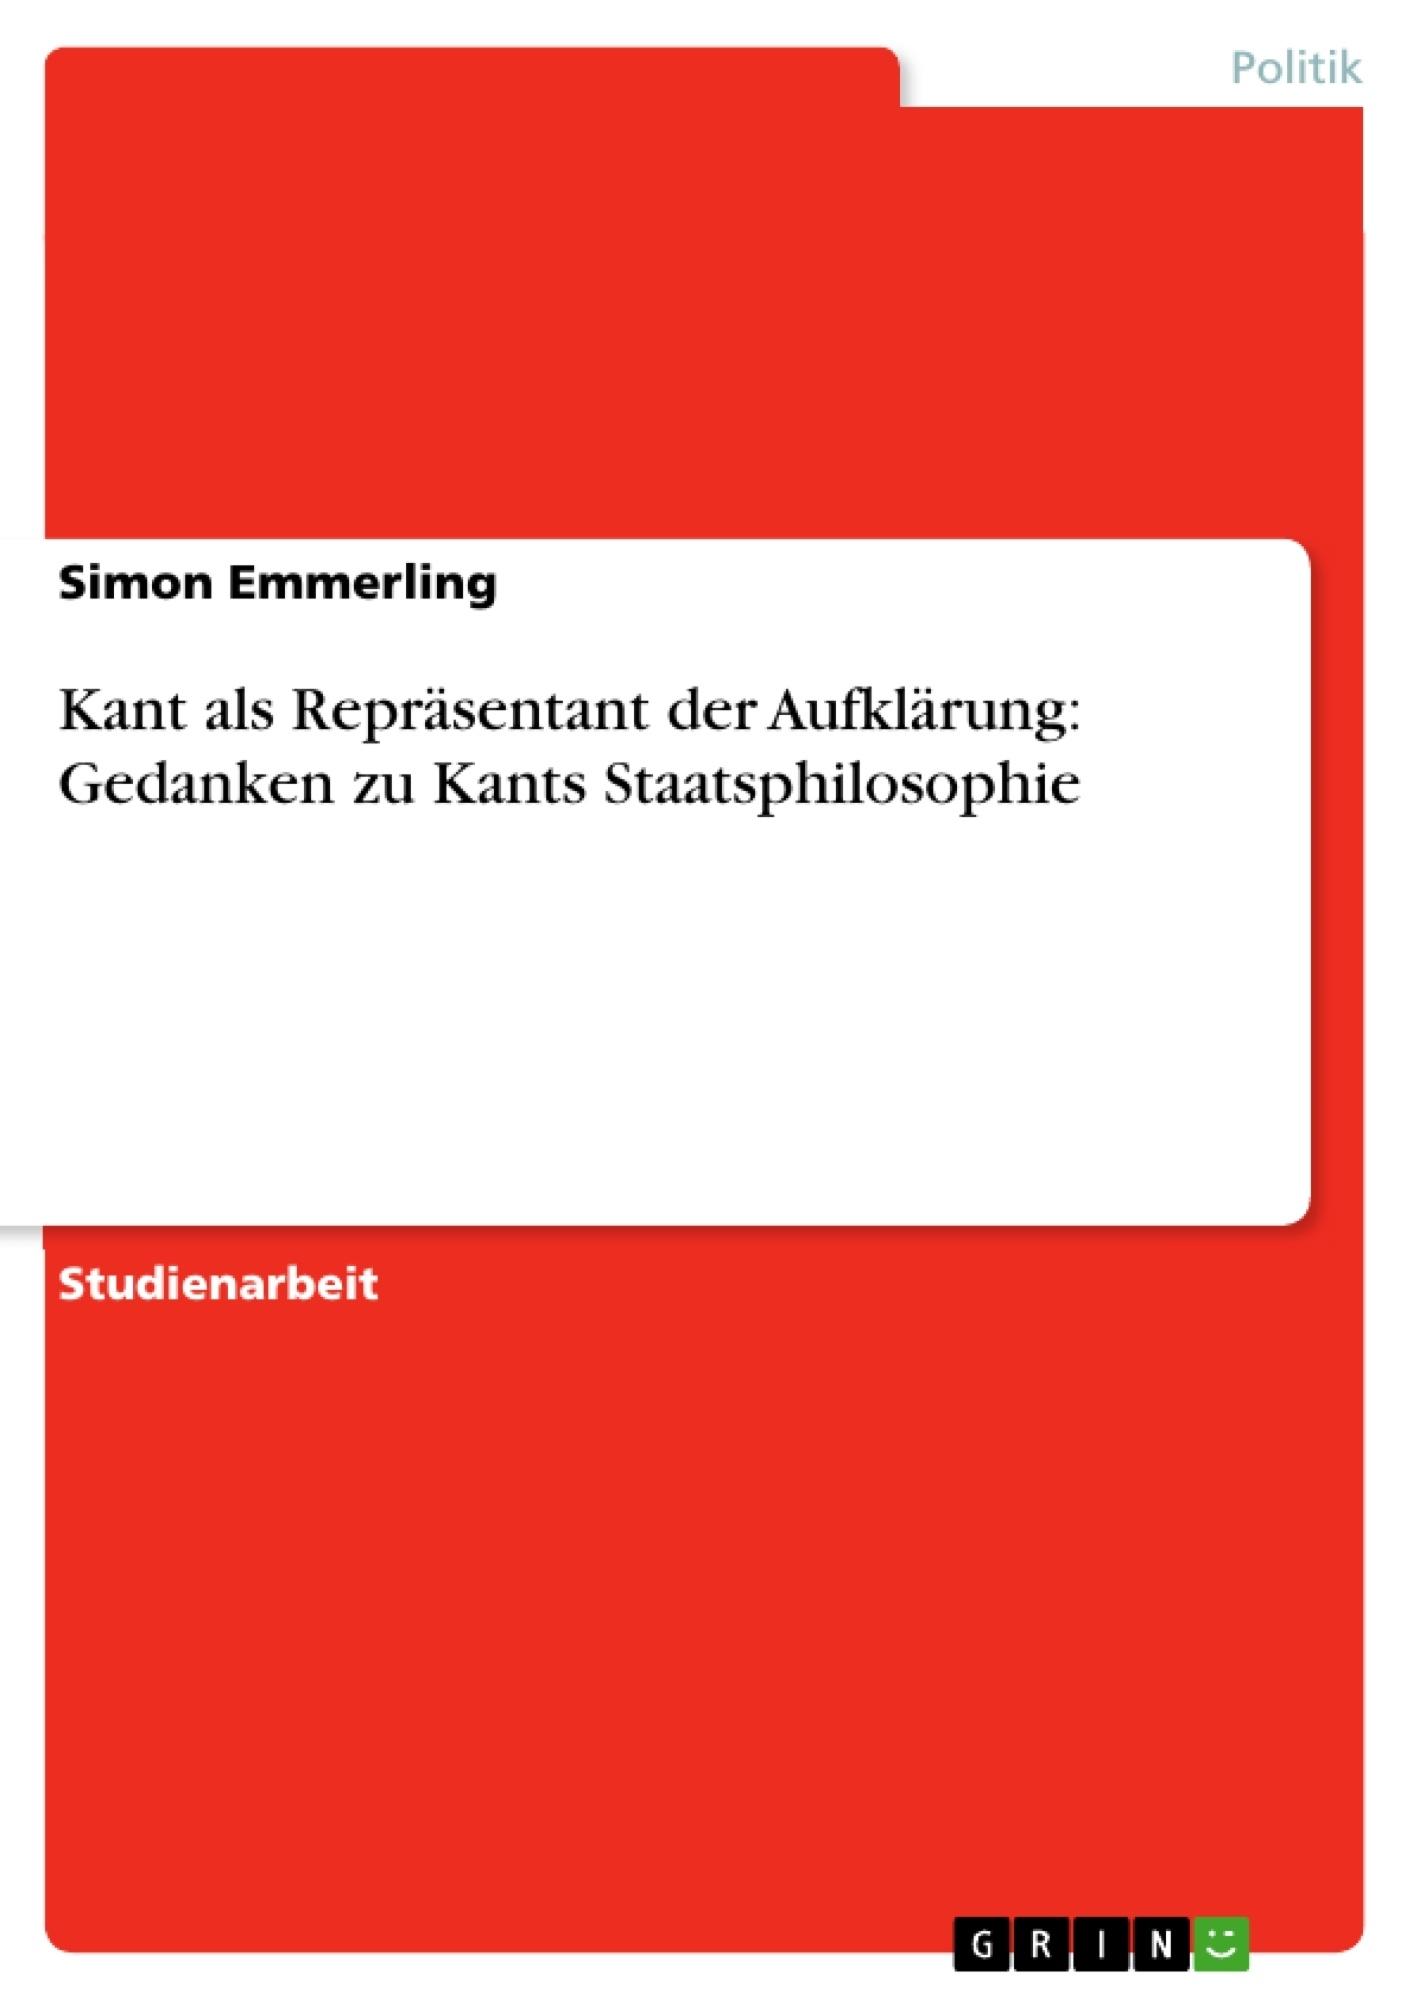 Titel: Kant als Repräsentant der Aufklärung: Gedanken zu Kants Staatsphilosophie